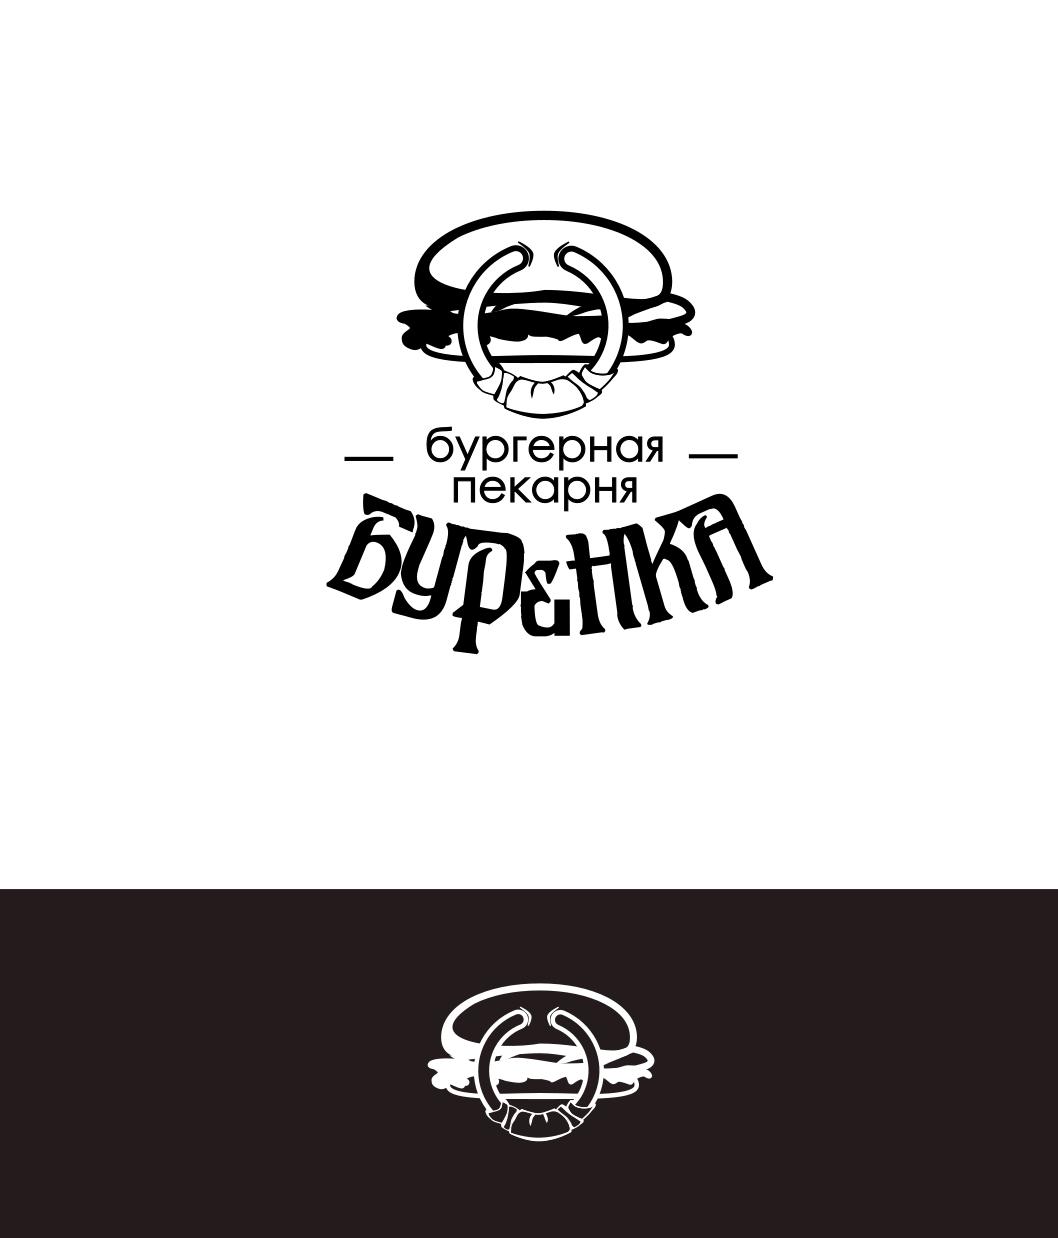 Логотип для Бургерной с Пекарней фото f_9935e10cb470588d.png